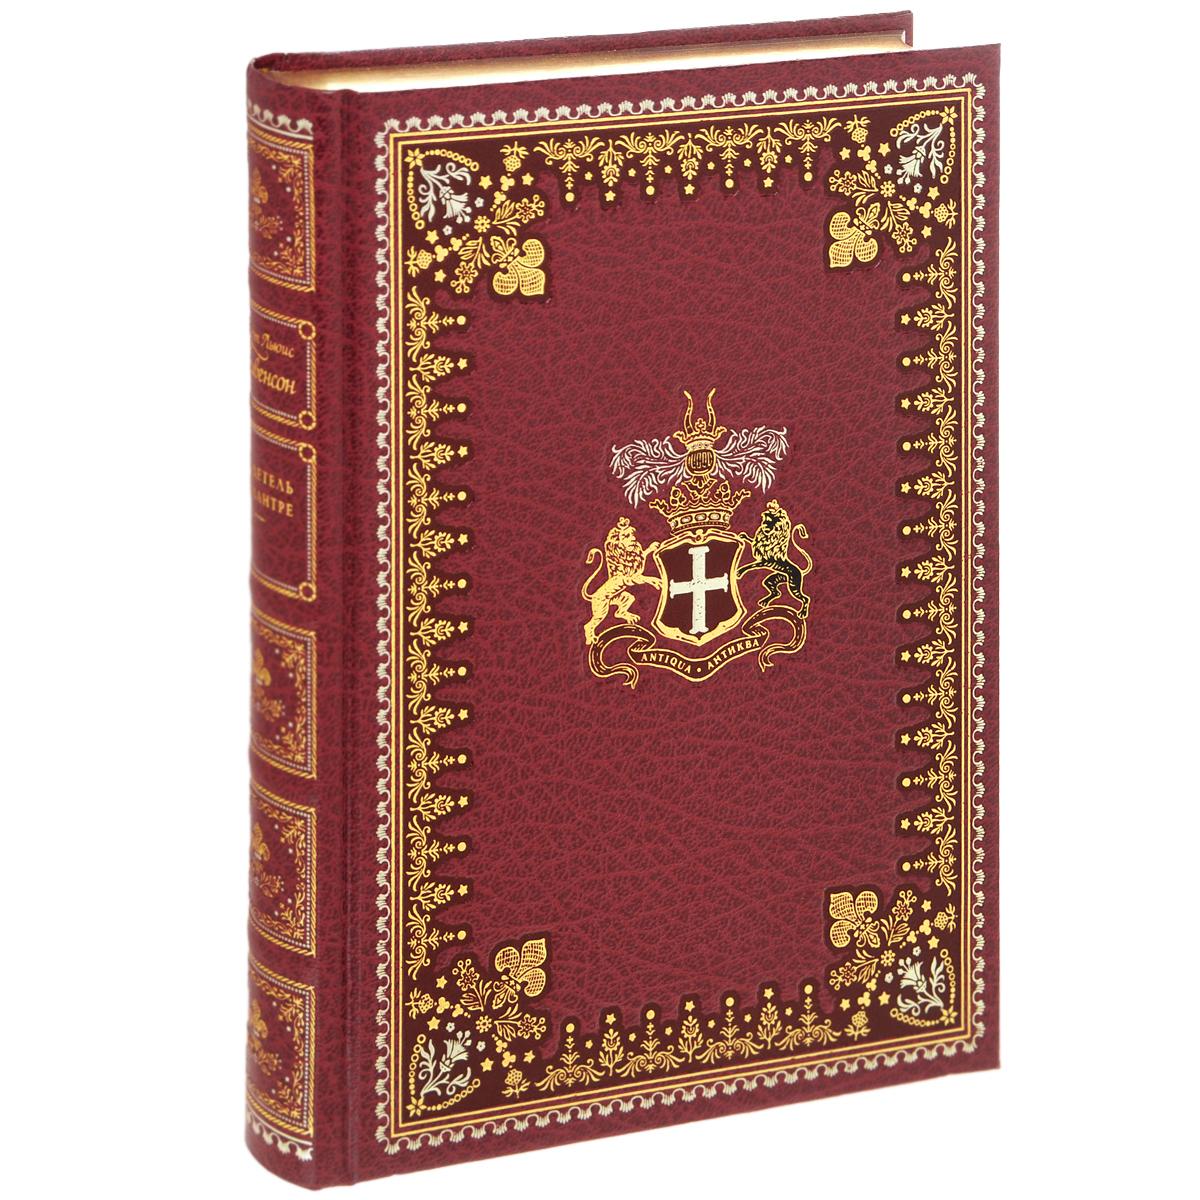 Роберт Льюис Стивенсон Владетель Баллантре (подарочное издание) величие сатурна роберт свобода 11 е издание